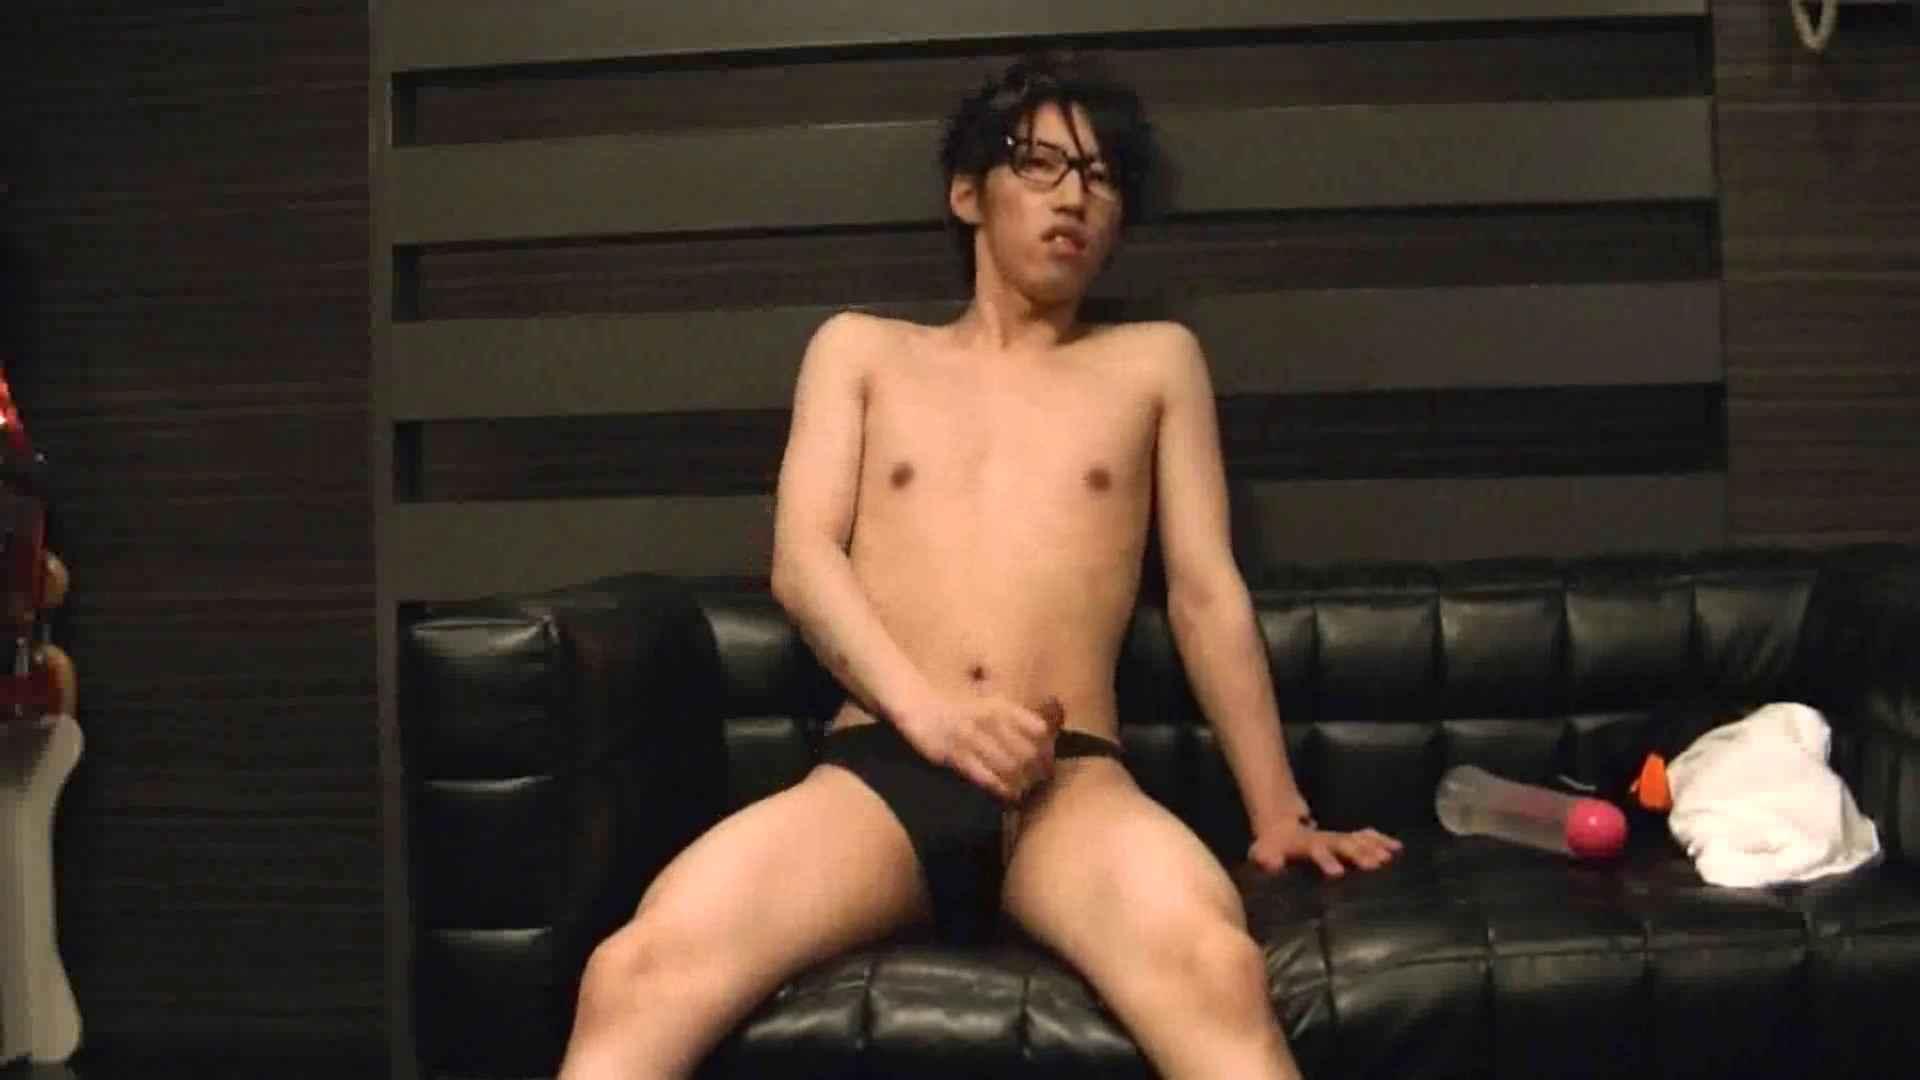 ONA見せカーニバル!! Vol3 男の世界  98画像 60